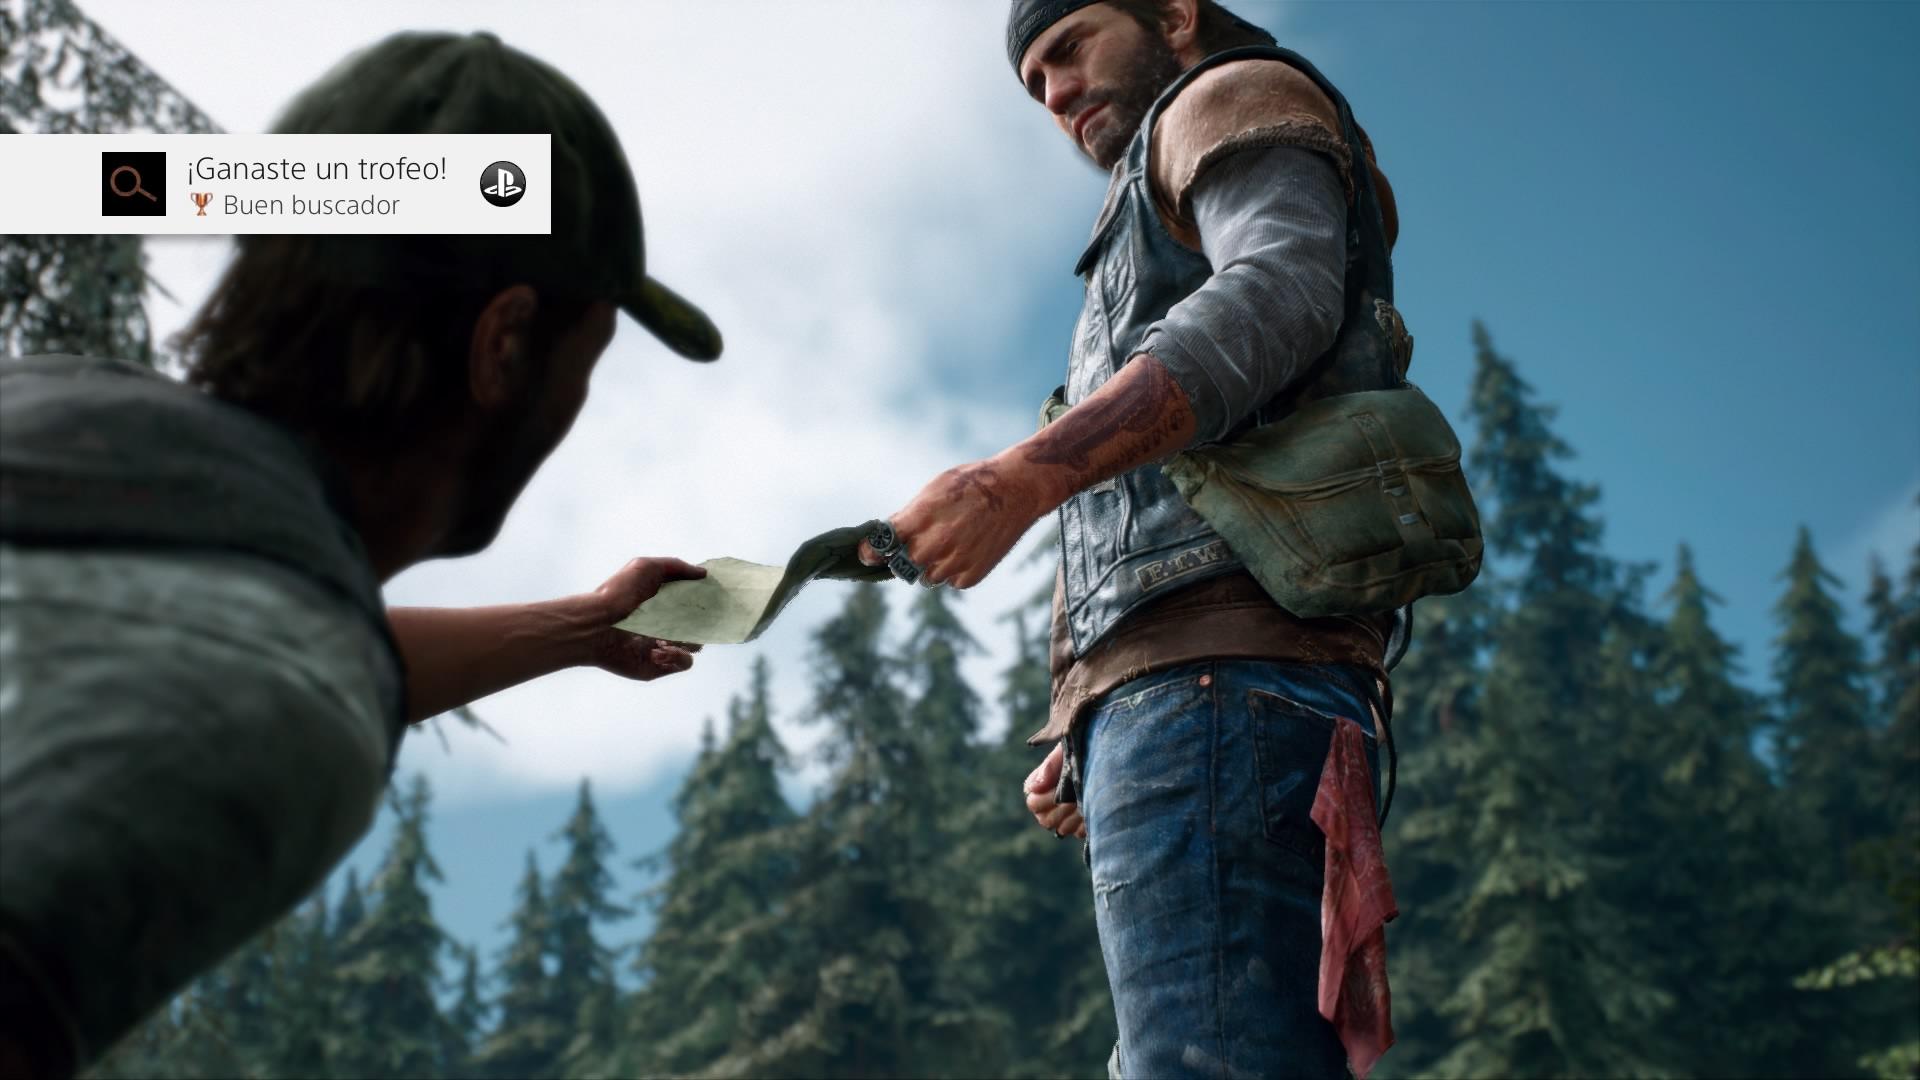 Podremos interactuar con otros personajes a lo largo de nuestra aventura.